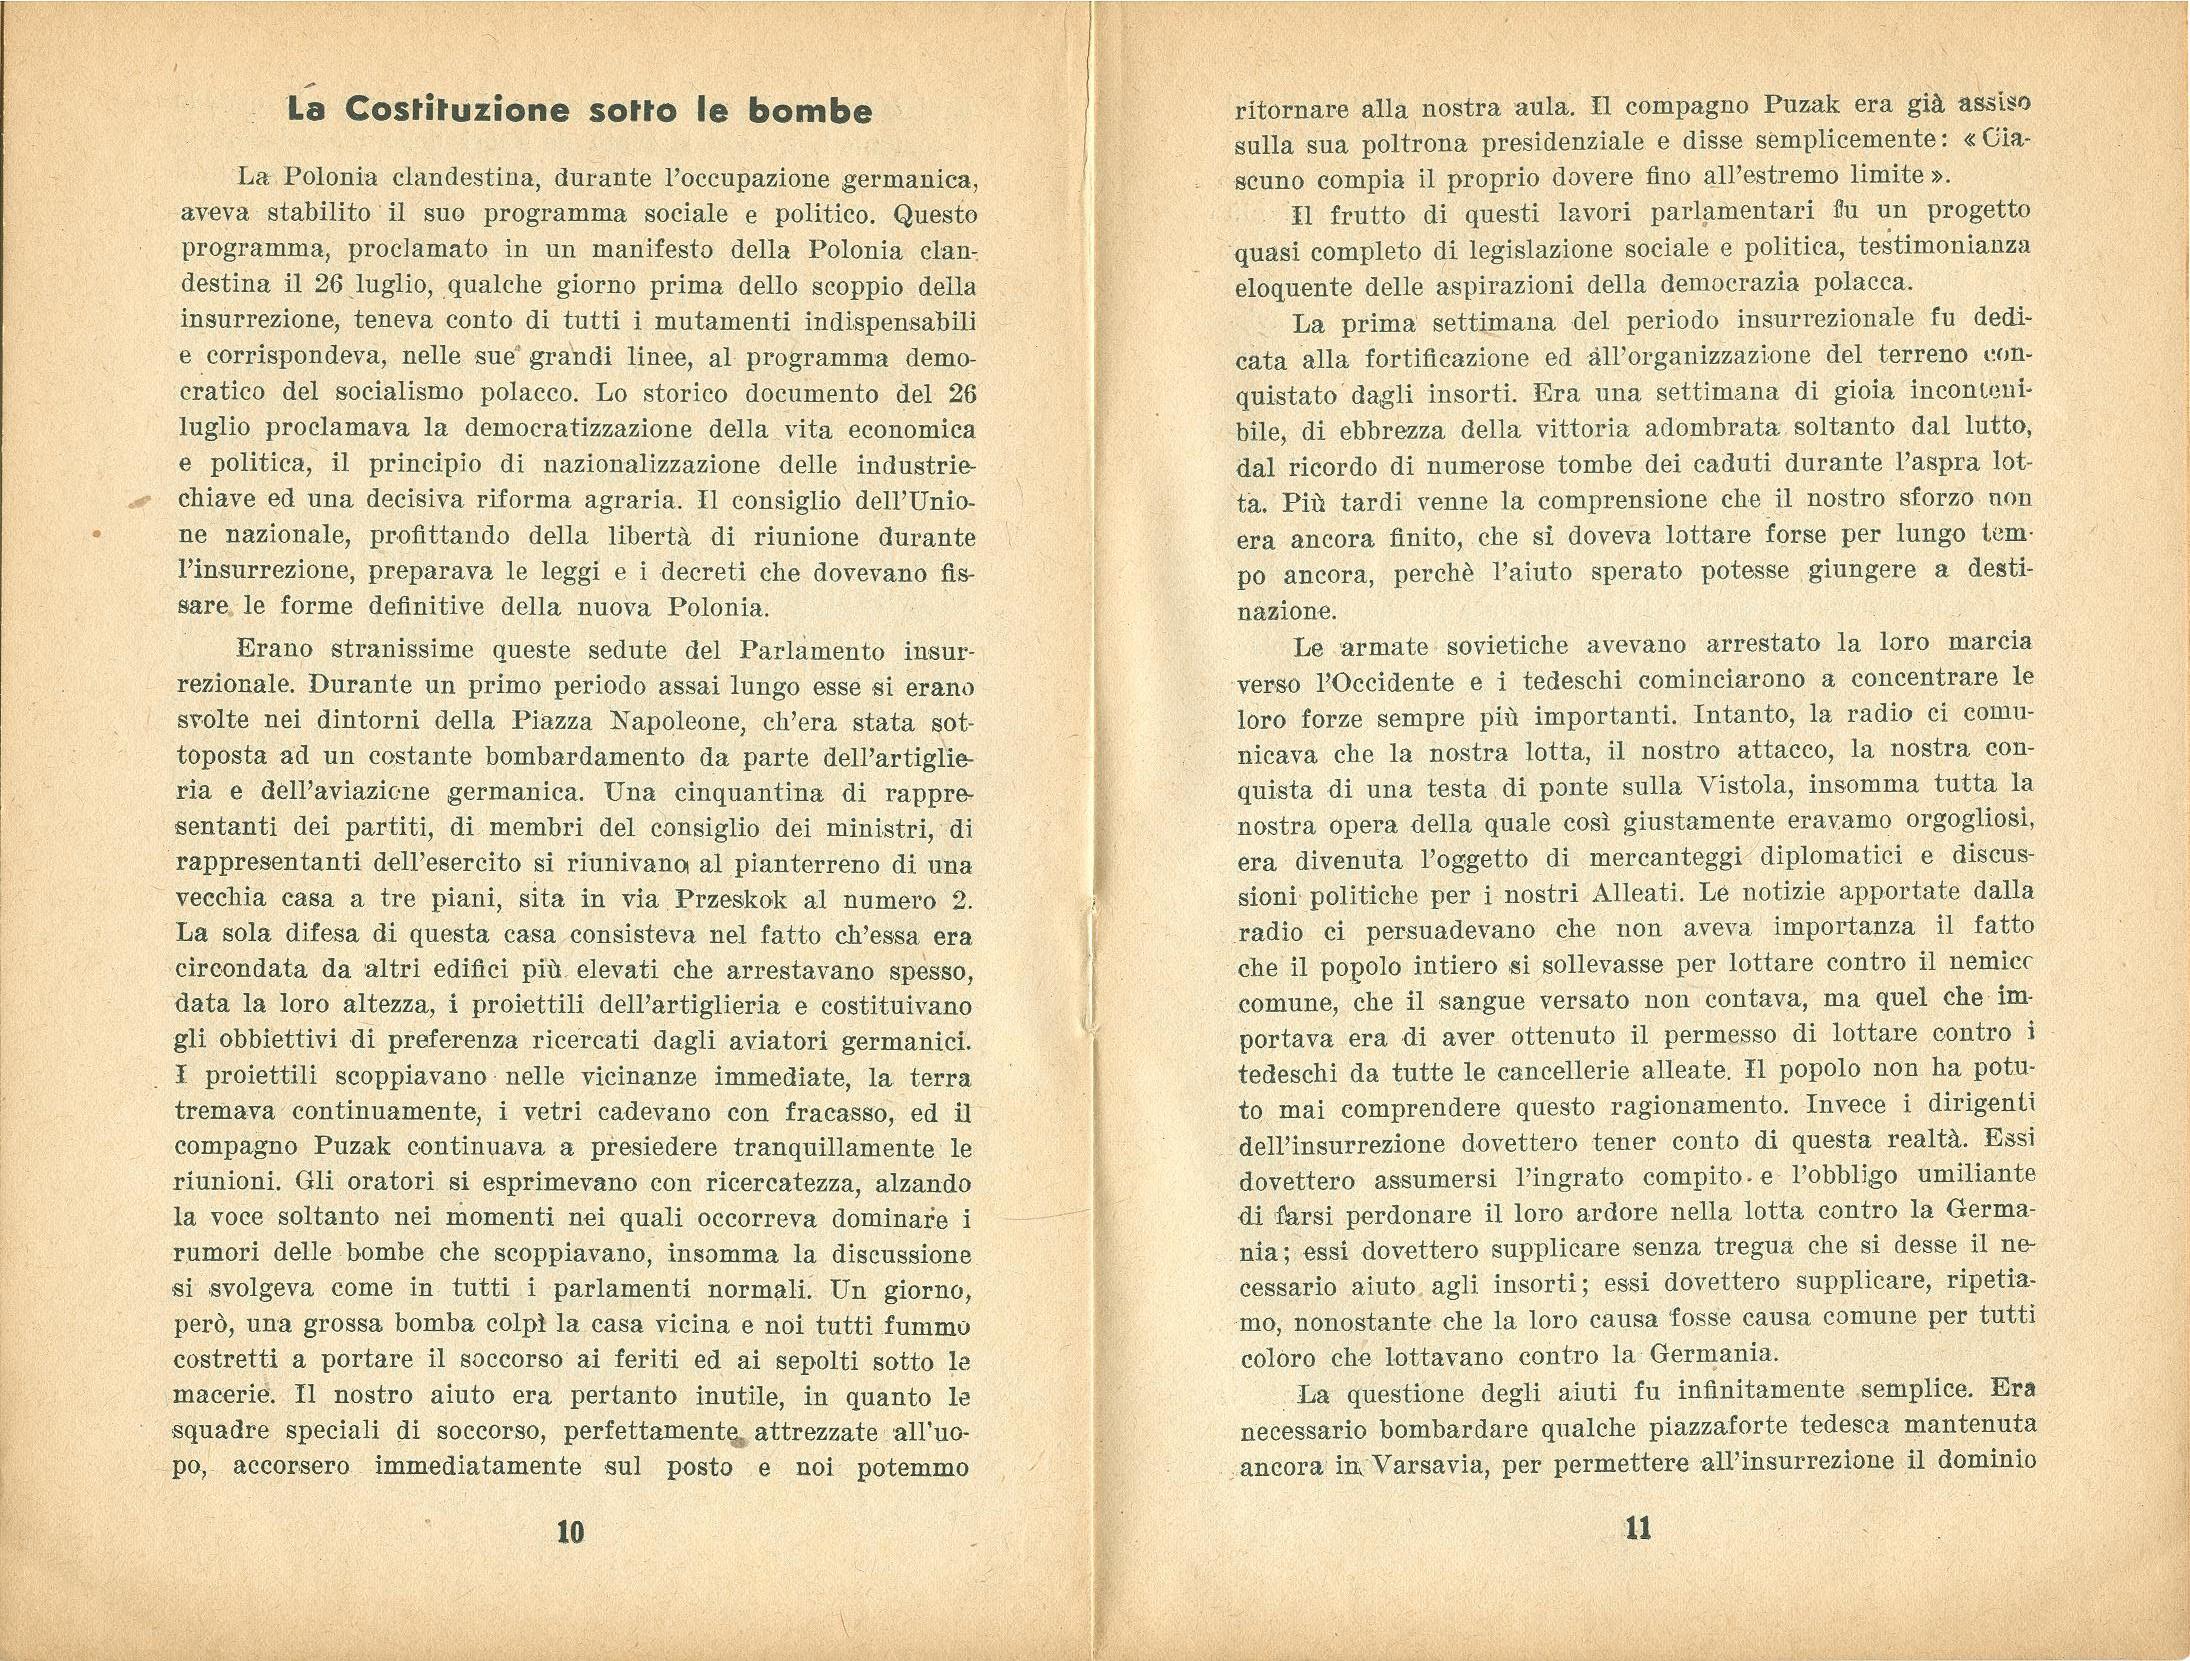 Zygmunt Zaremba, La verità sull'insurrezione di Varsavia nel 1944 (1946) - pag. 7